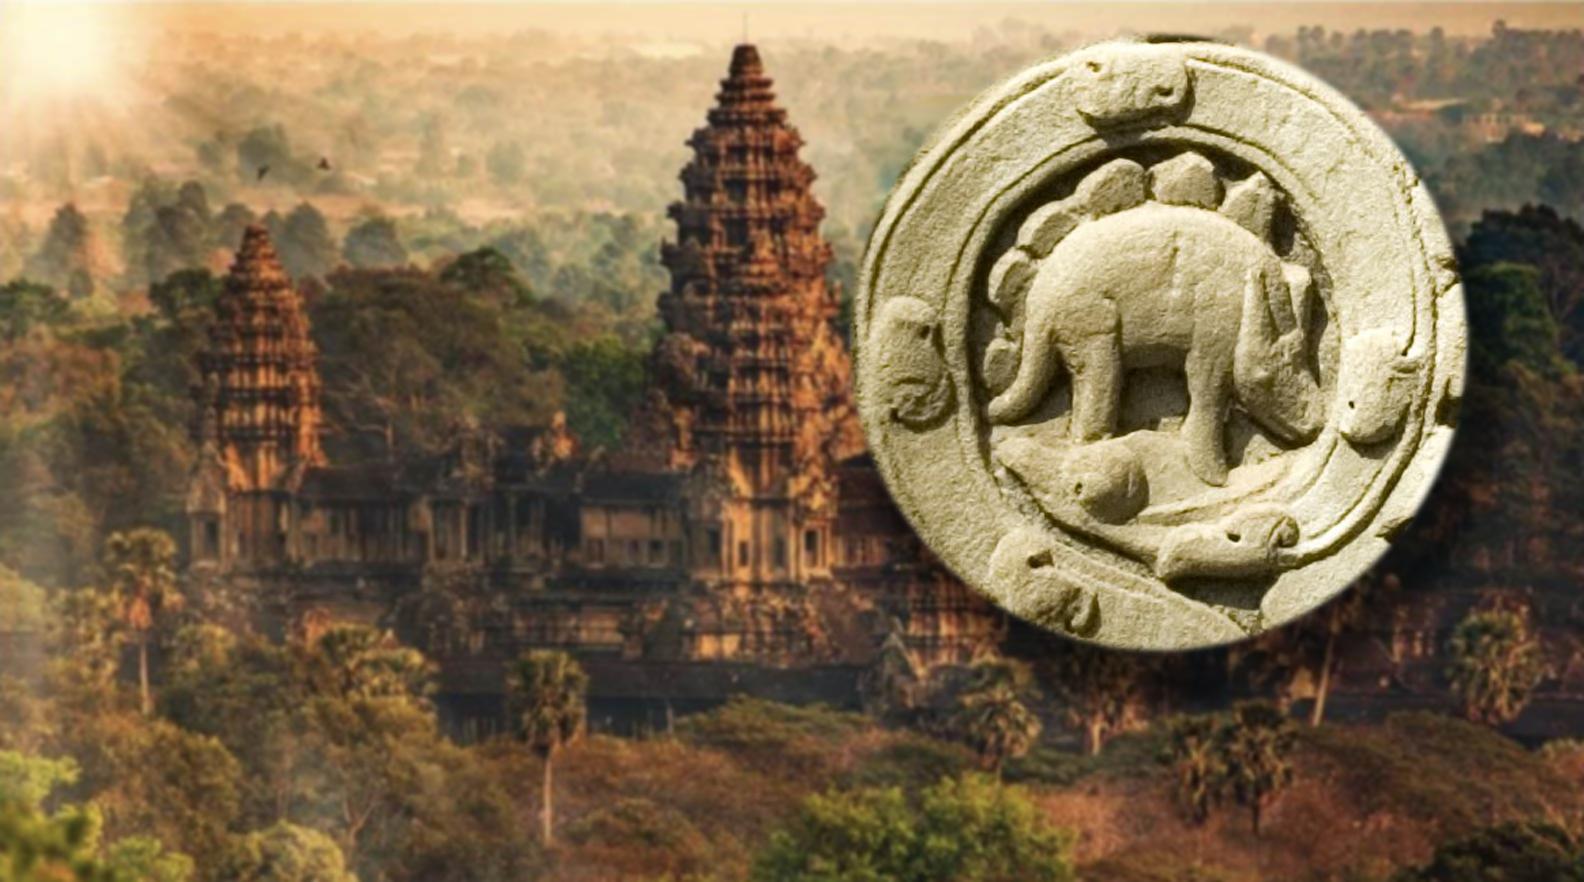 Tại sao trong thành phố cổ đại Angkor của đế quốc Khmer lại có khắc hình khủng long phiến sừng Stegosaurus? (Ảnh: t/h)